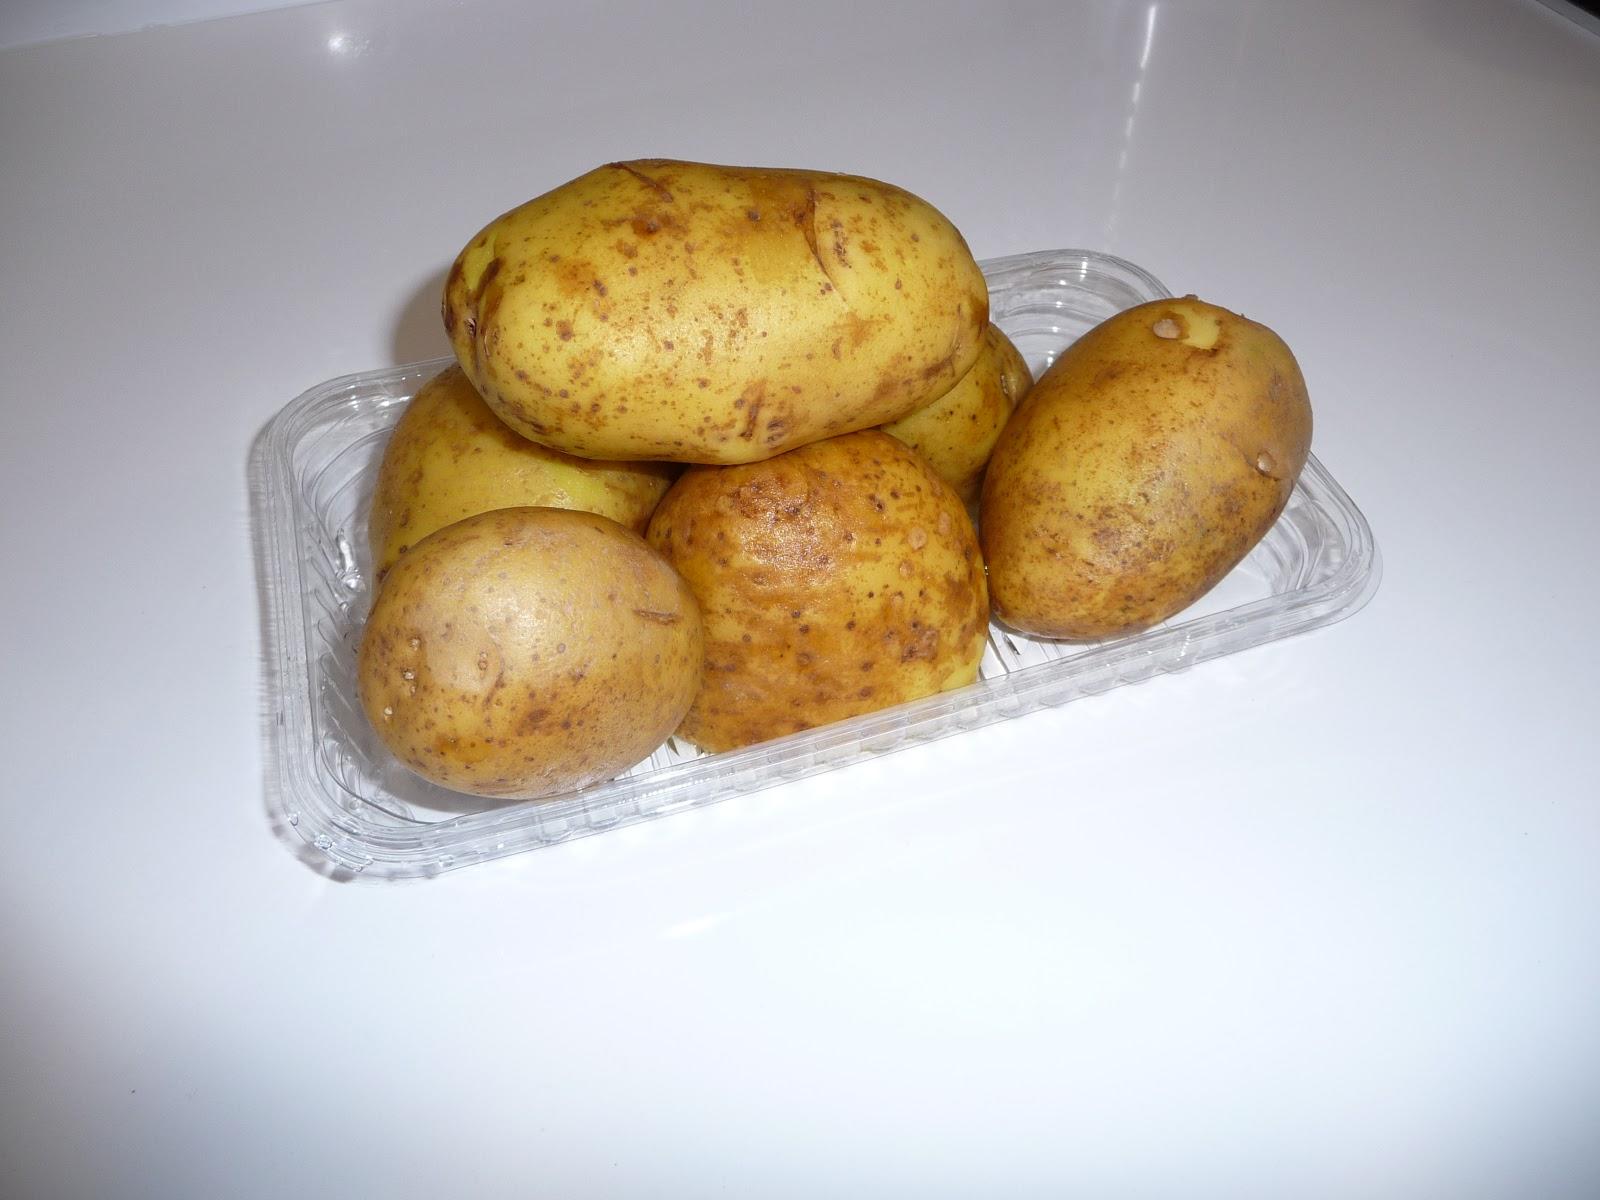 Bercianita chef patatas al microondas - Cocinar pescado en microondas ...